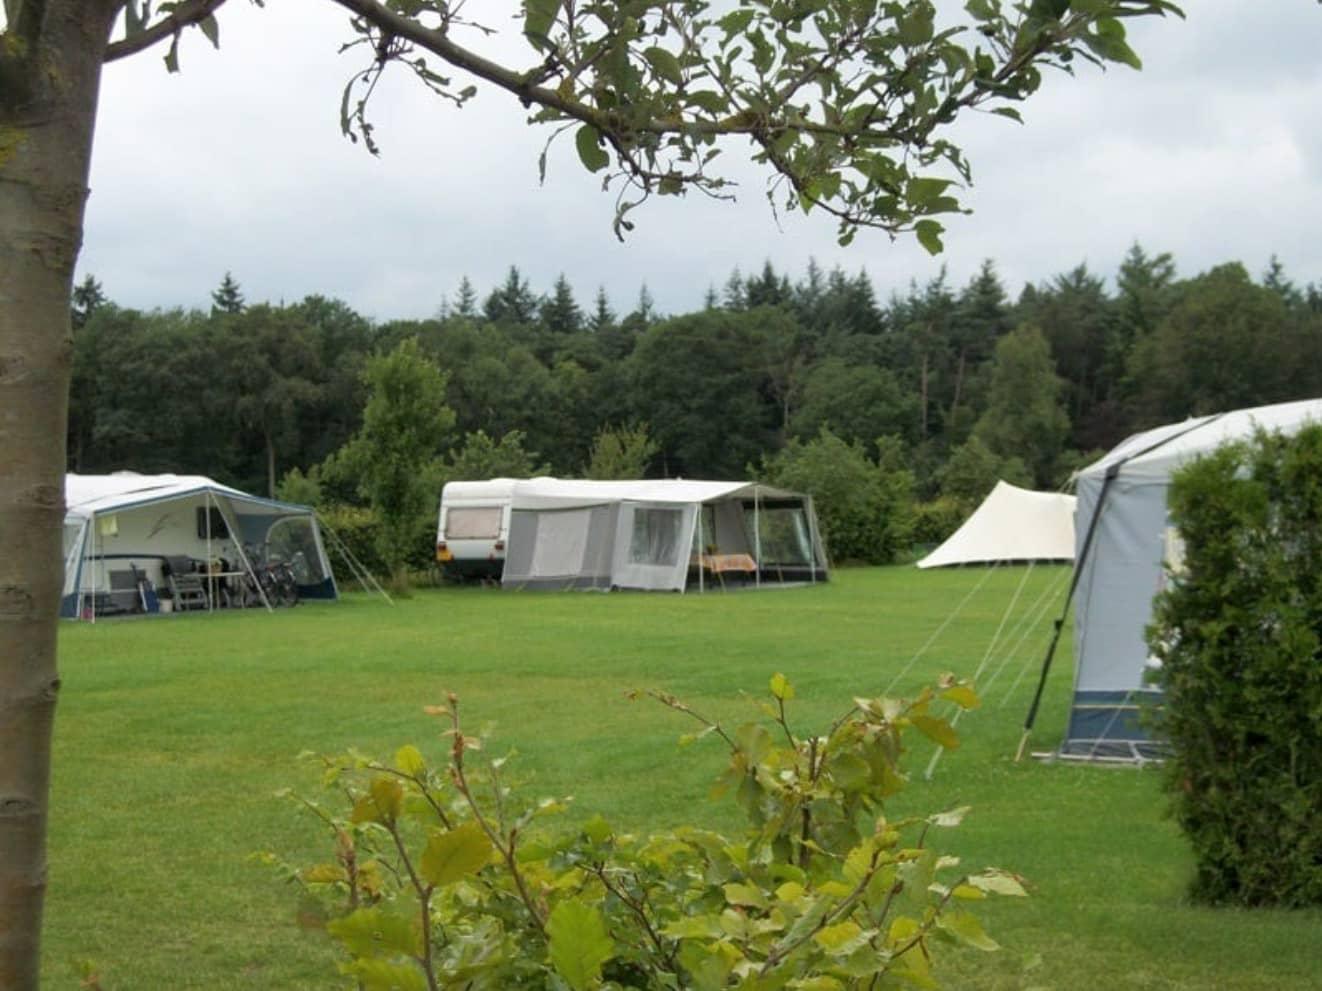 Kamperen bij de boer 30 - camping de prinsenhoeve